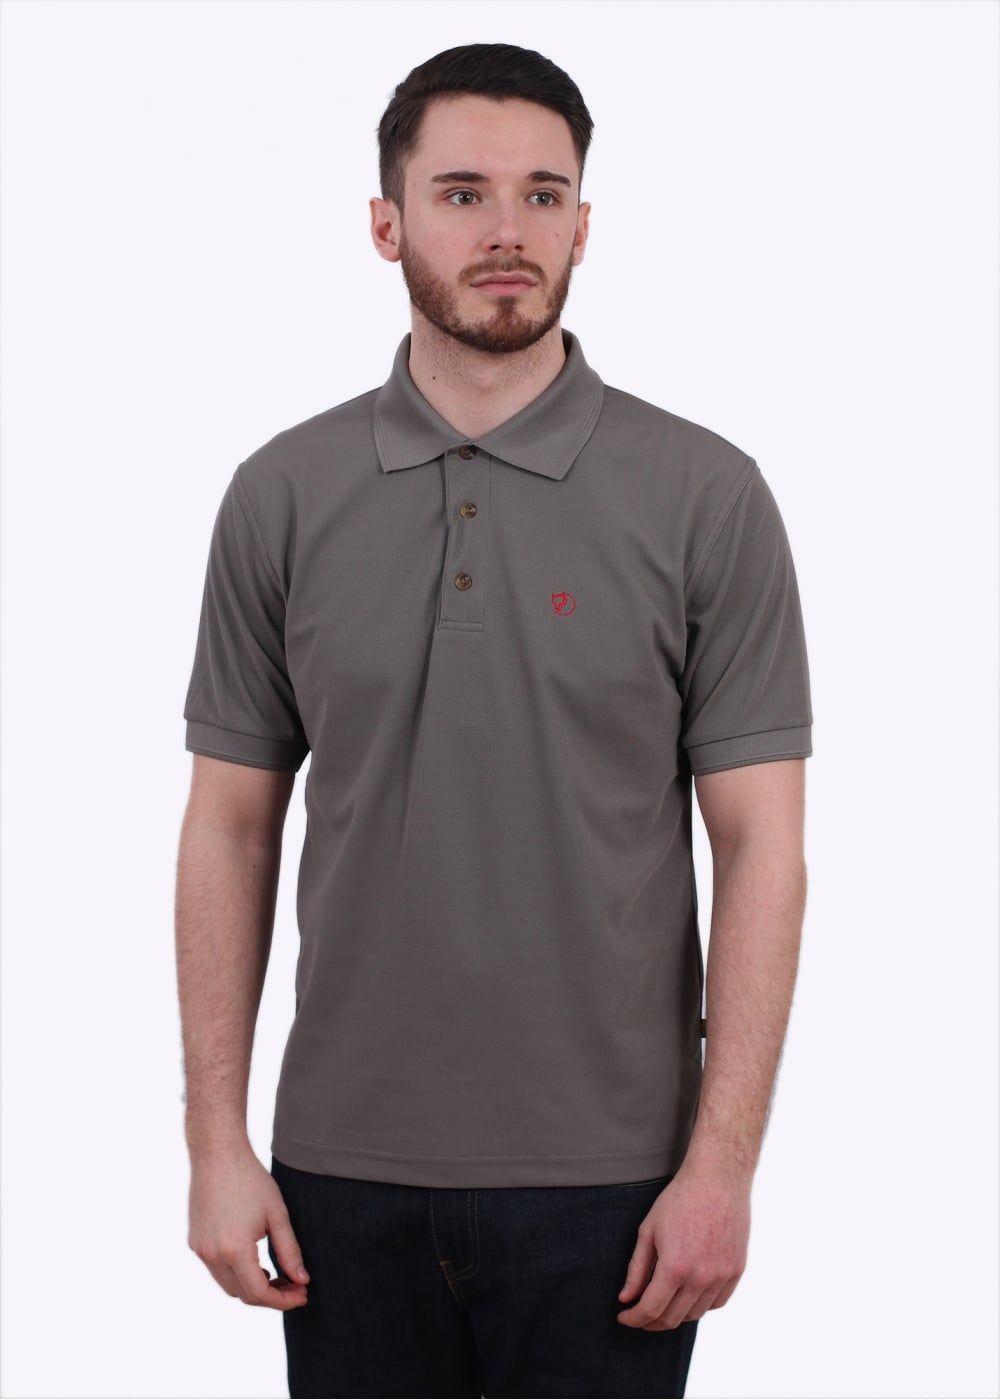 Fjällräven shirt Crowley Pique Polo S Fog i1Rwg1m